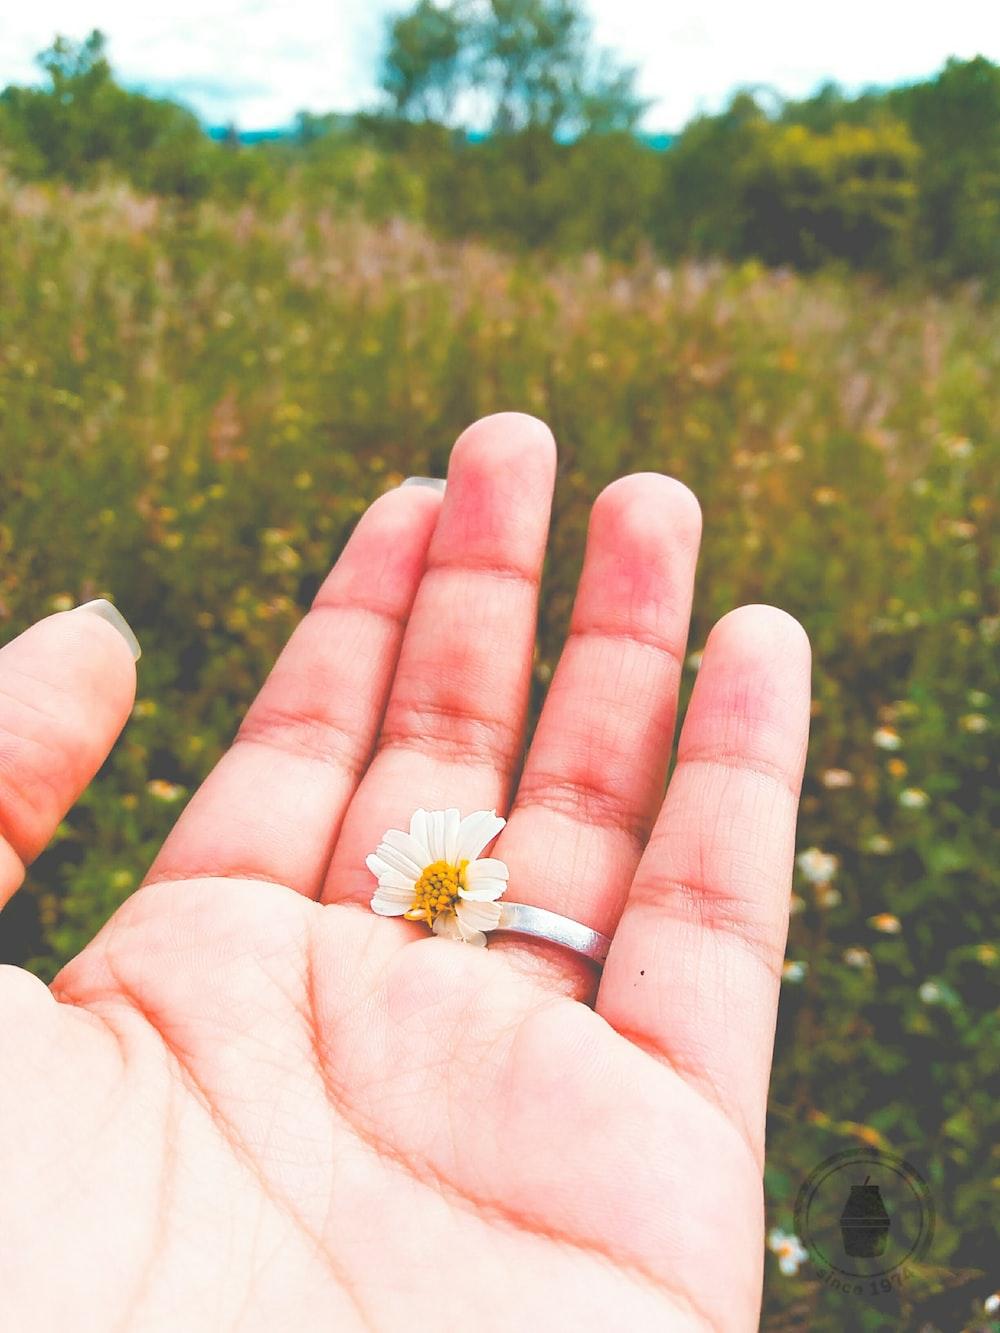 white-petaled flower in hand